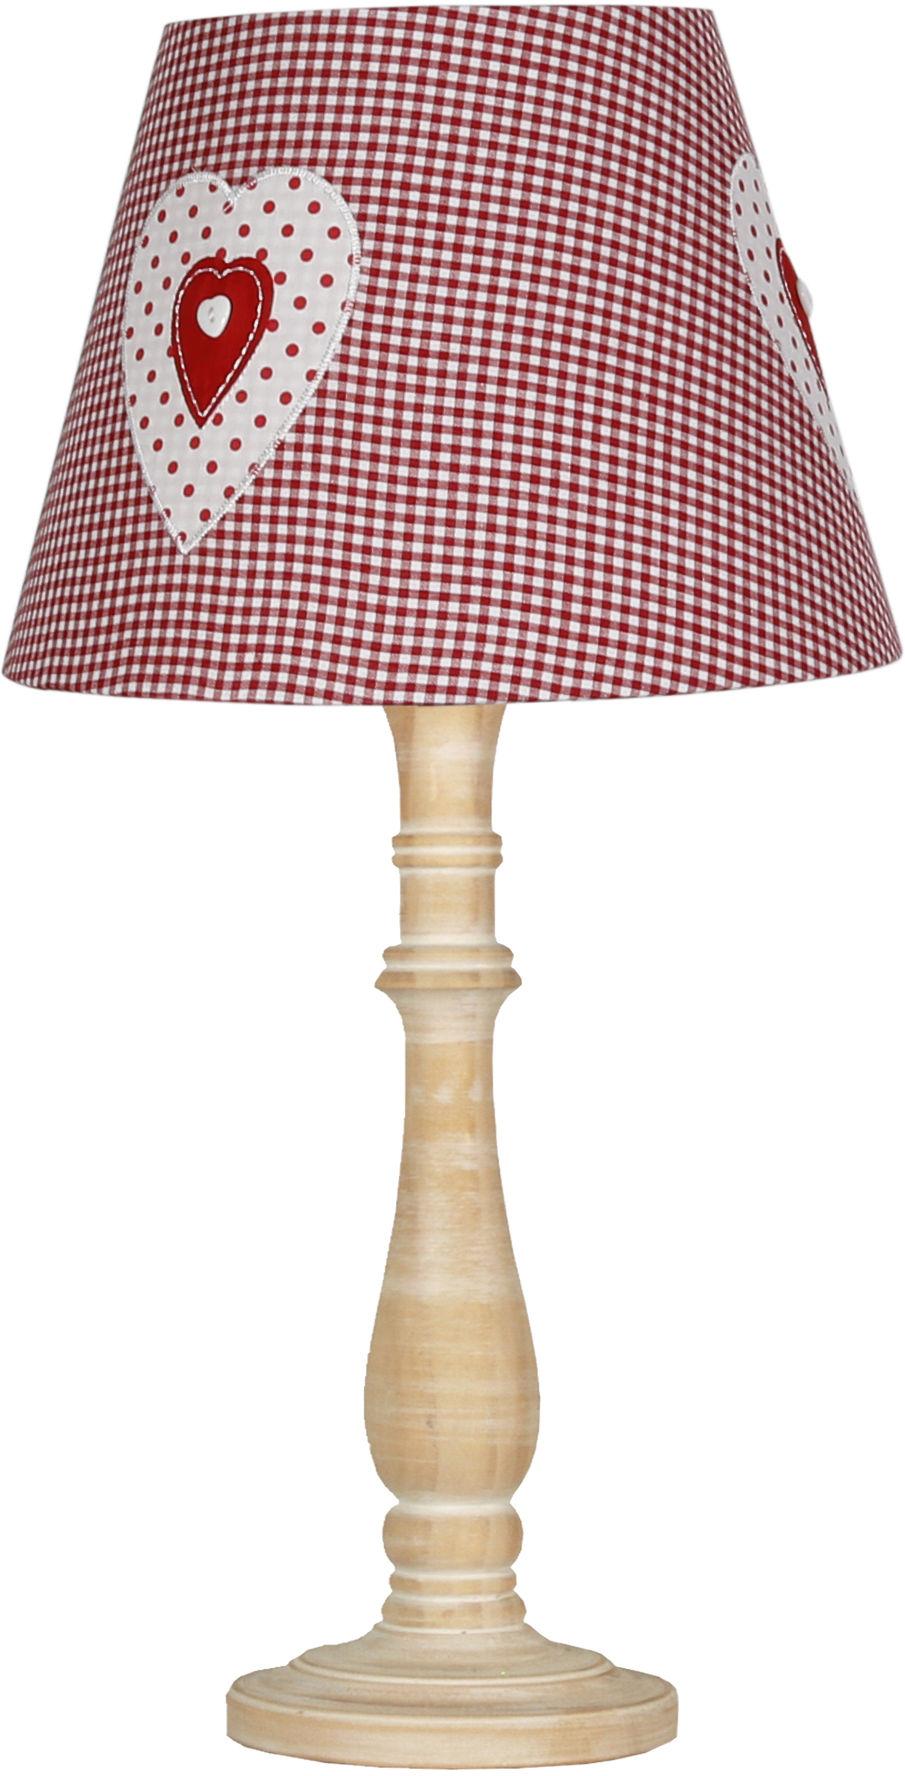 Candellux SWEET 1 41-64196 lampa stołowa abażur romantyczny dekor 1X40W E14 28cm